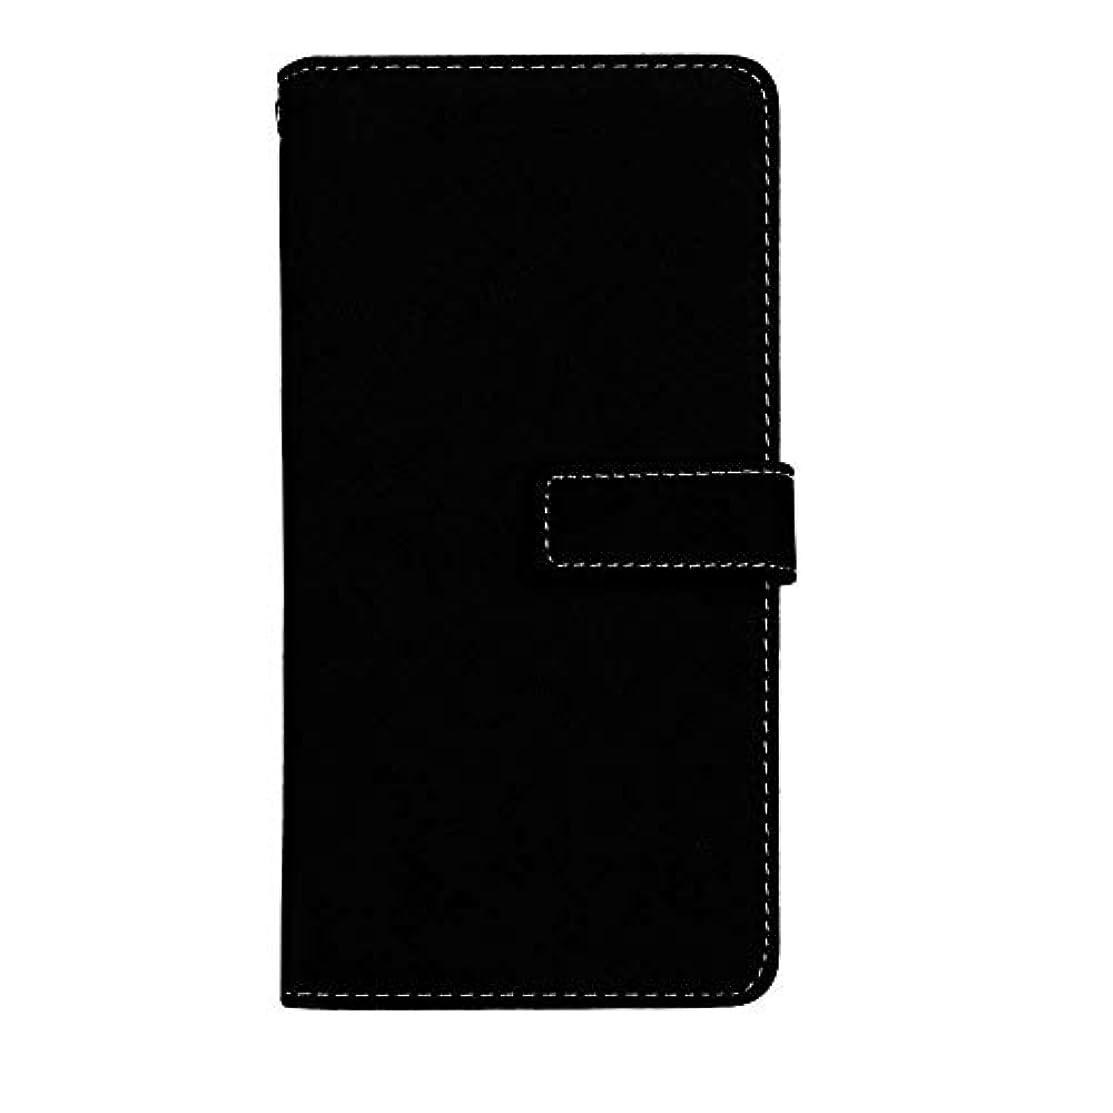 比類のない達成する認めるXiaomi Redmi S2 高品質 マグネット ケース, CUNUS 携帯電話 ケース 軽量 柔軟 高品質 耐摩擦 カード収納 カバー Xiaomi Redmi S2 用, ブラック